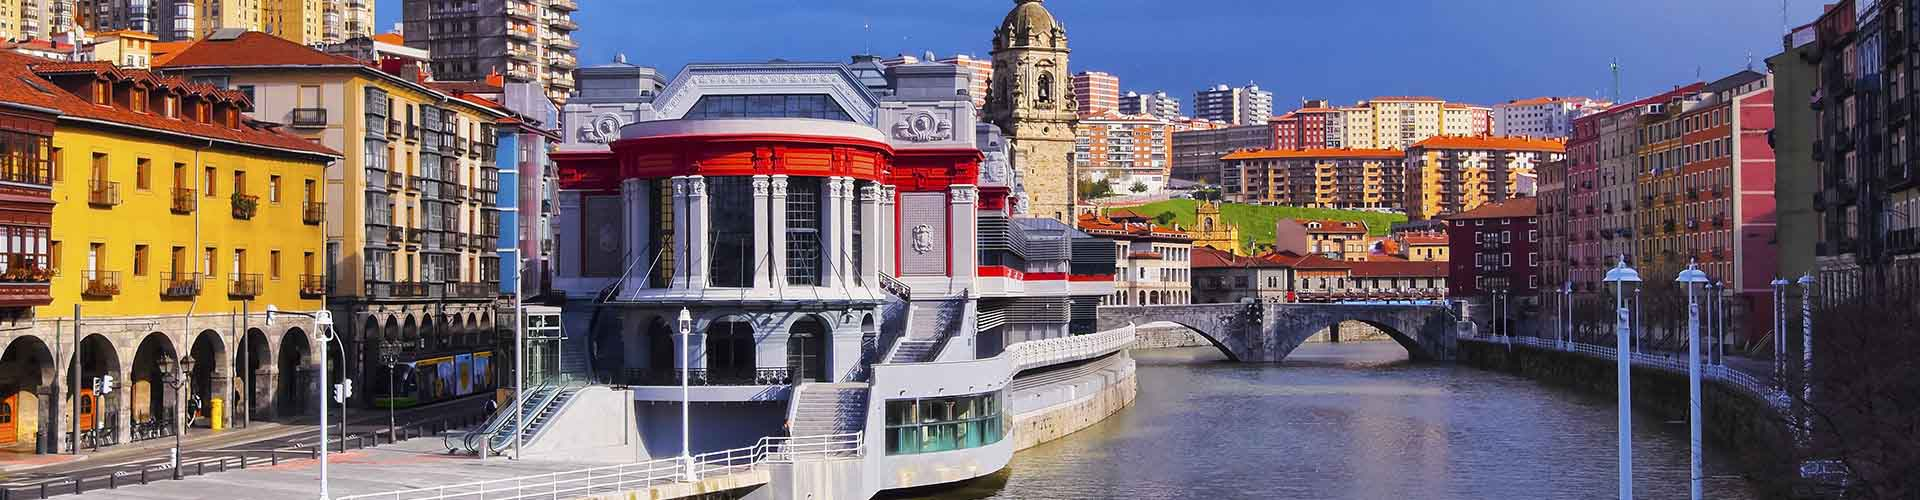 Bilbao - Camping près de Bilbao-Abando. Cartes pour Bilbao, photos et commentaires pour chaque camping à Bilbao.